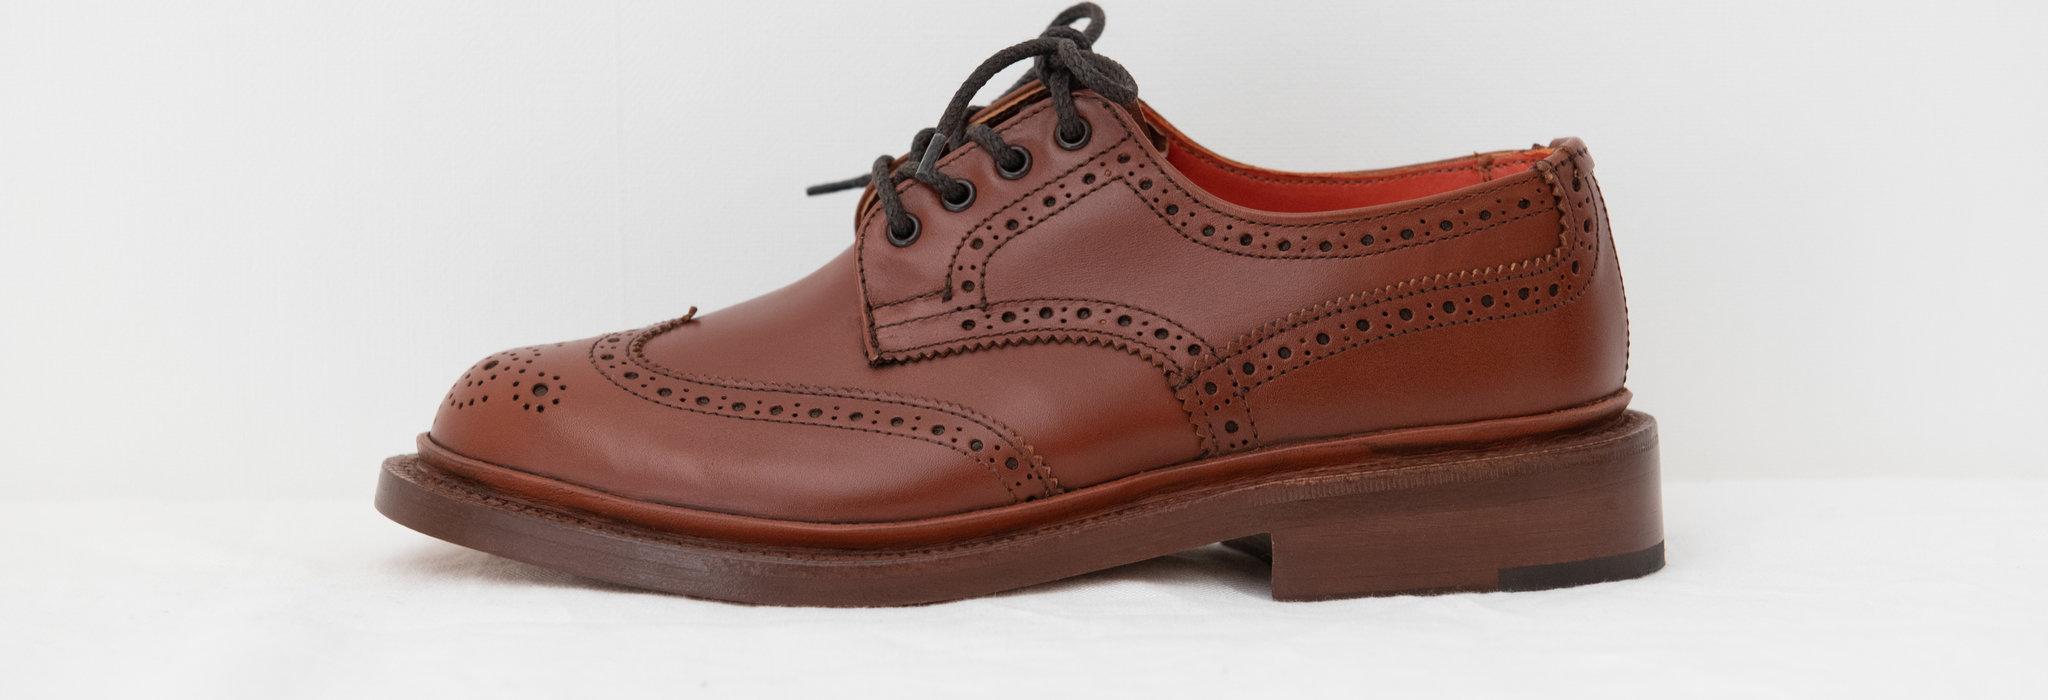 女性のライフスタイルを広げて深める「おじ靴」のススメ 第3回 デザインをより深く理解するためのおじ靴ディテール用語_image